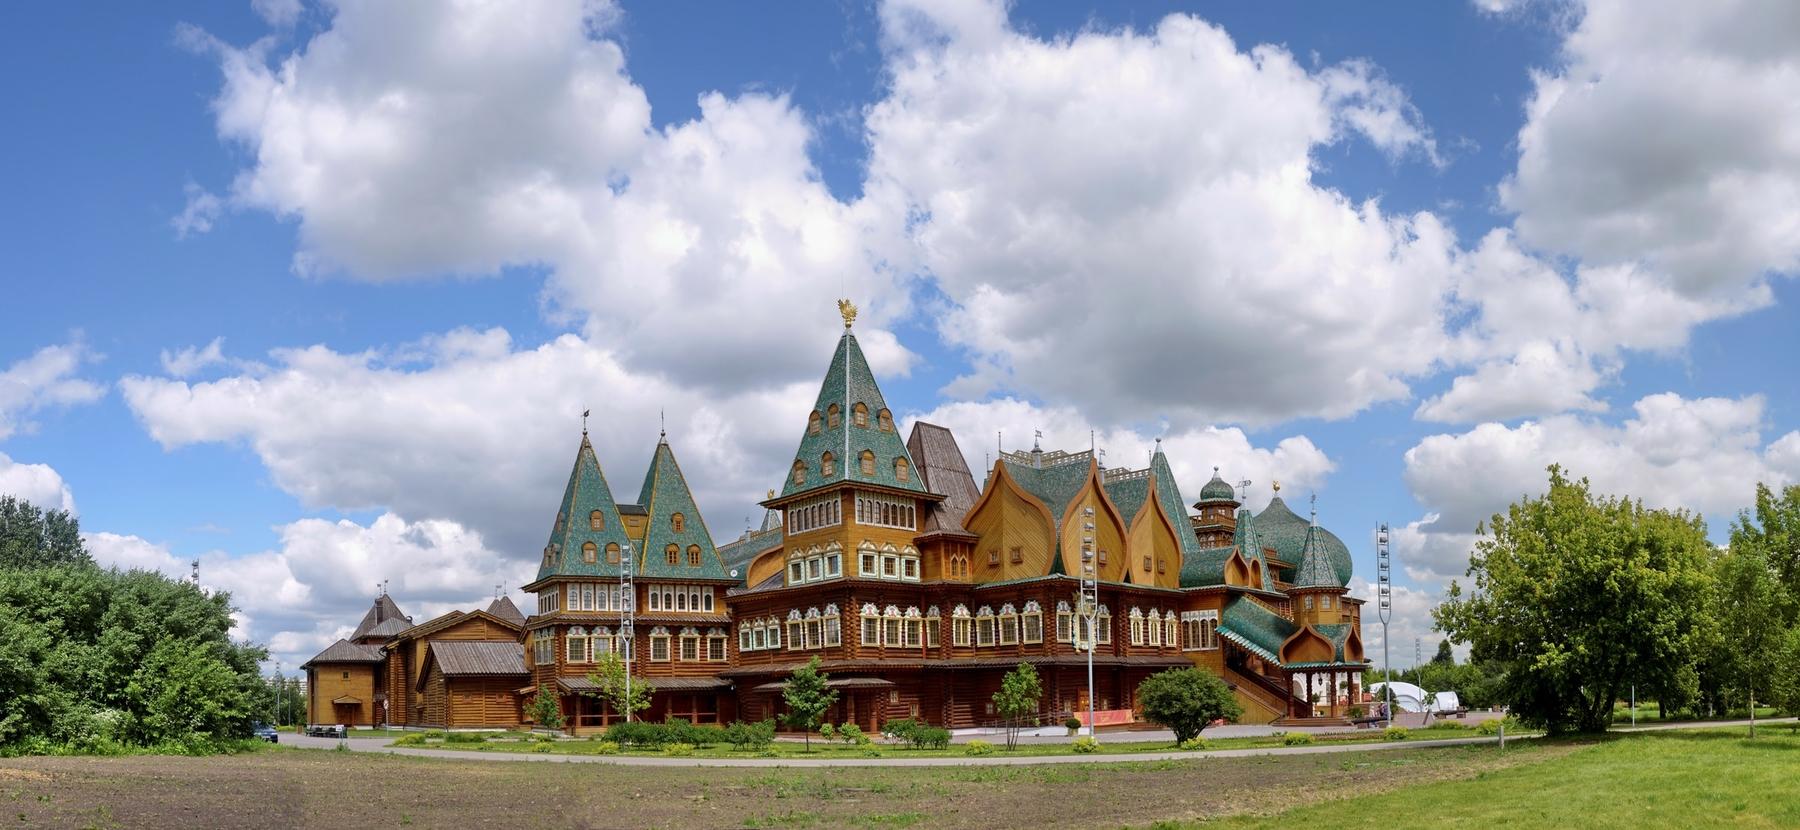 Чтобы увидеть сказочный дворец-терем, отправляйтесь в Коломенское